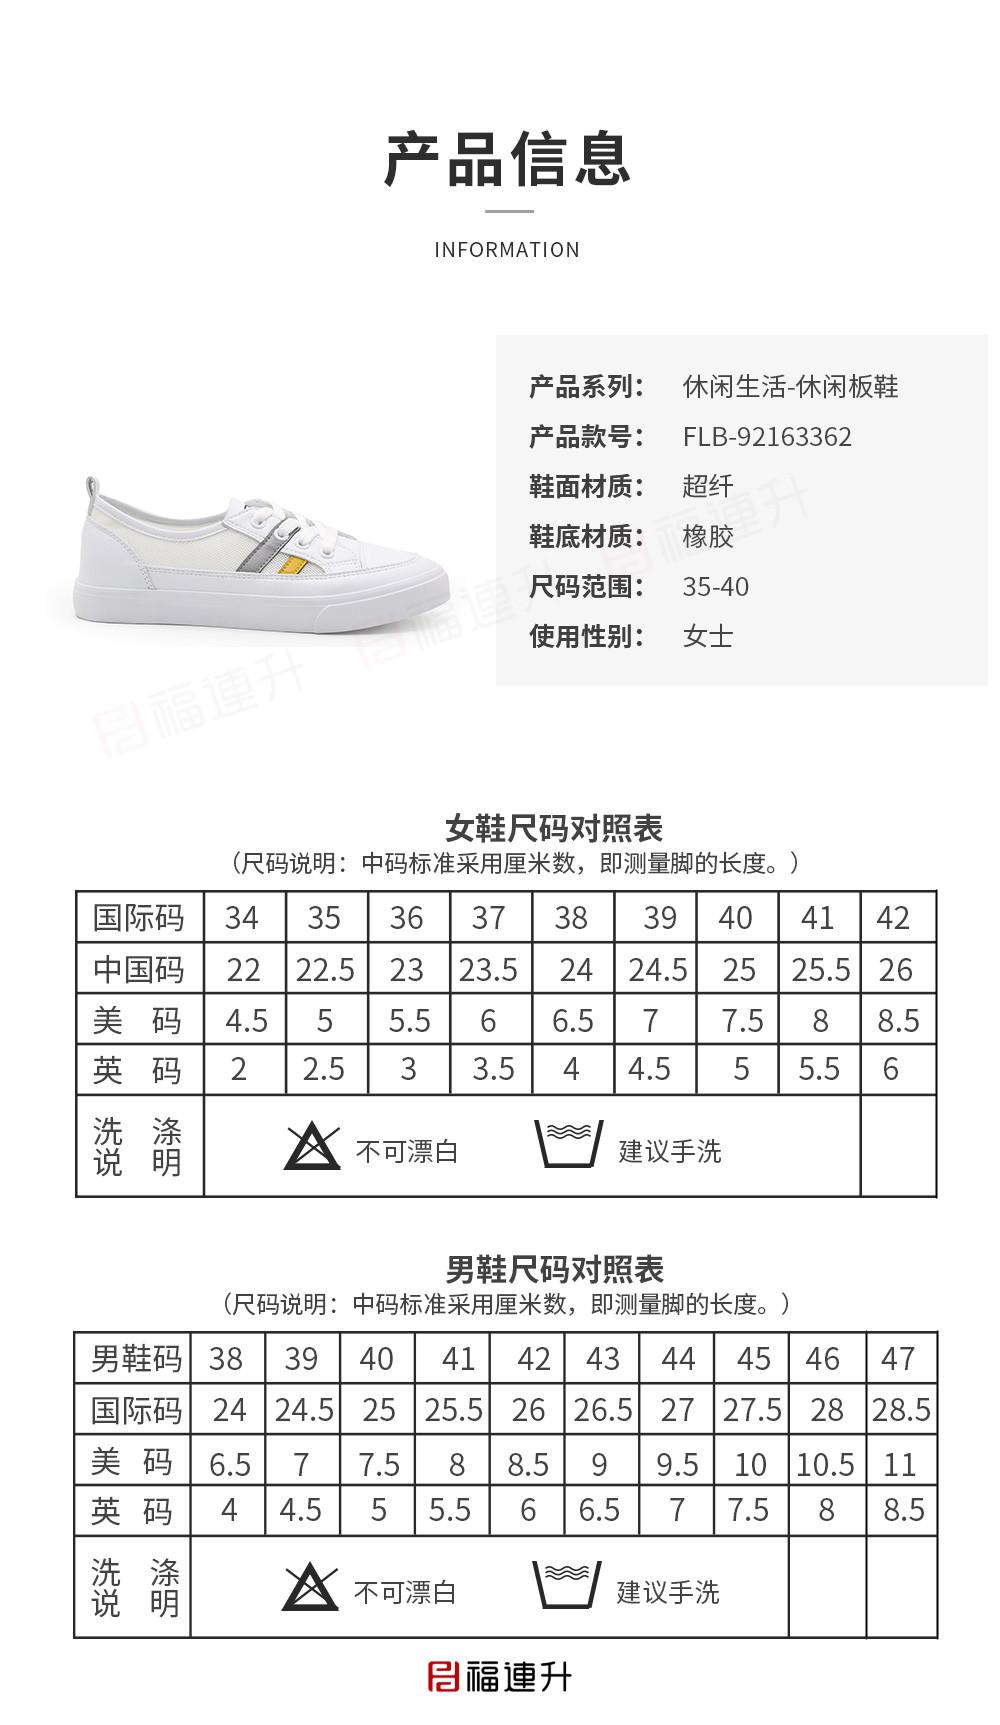 福连升夏季休闲板鞋透气网布低帮平底学生小白鞋女鞋图片